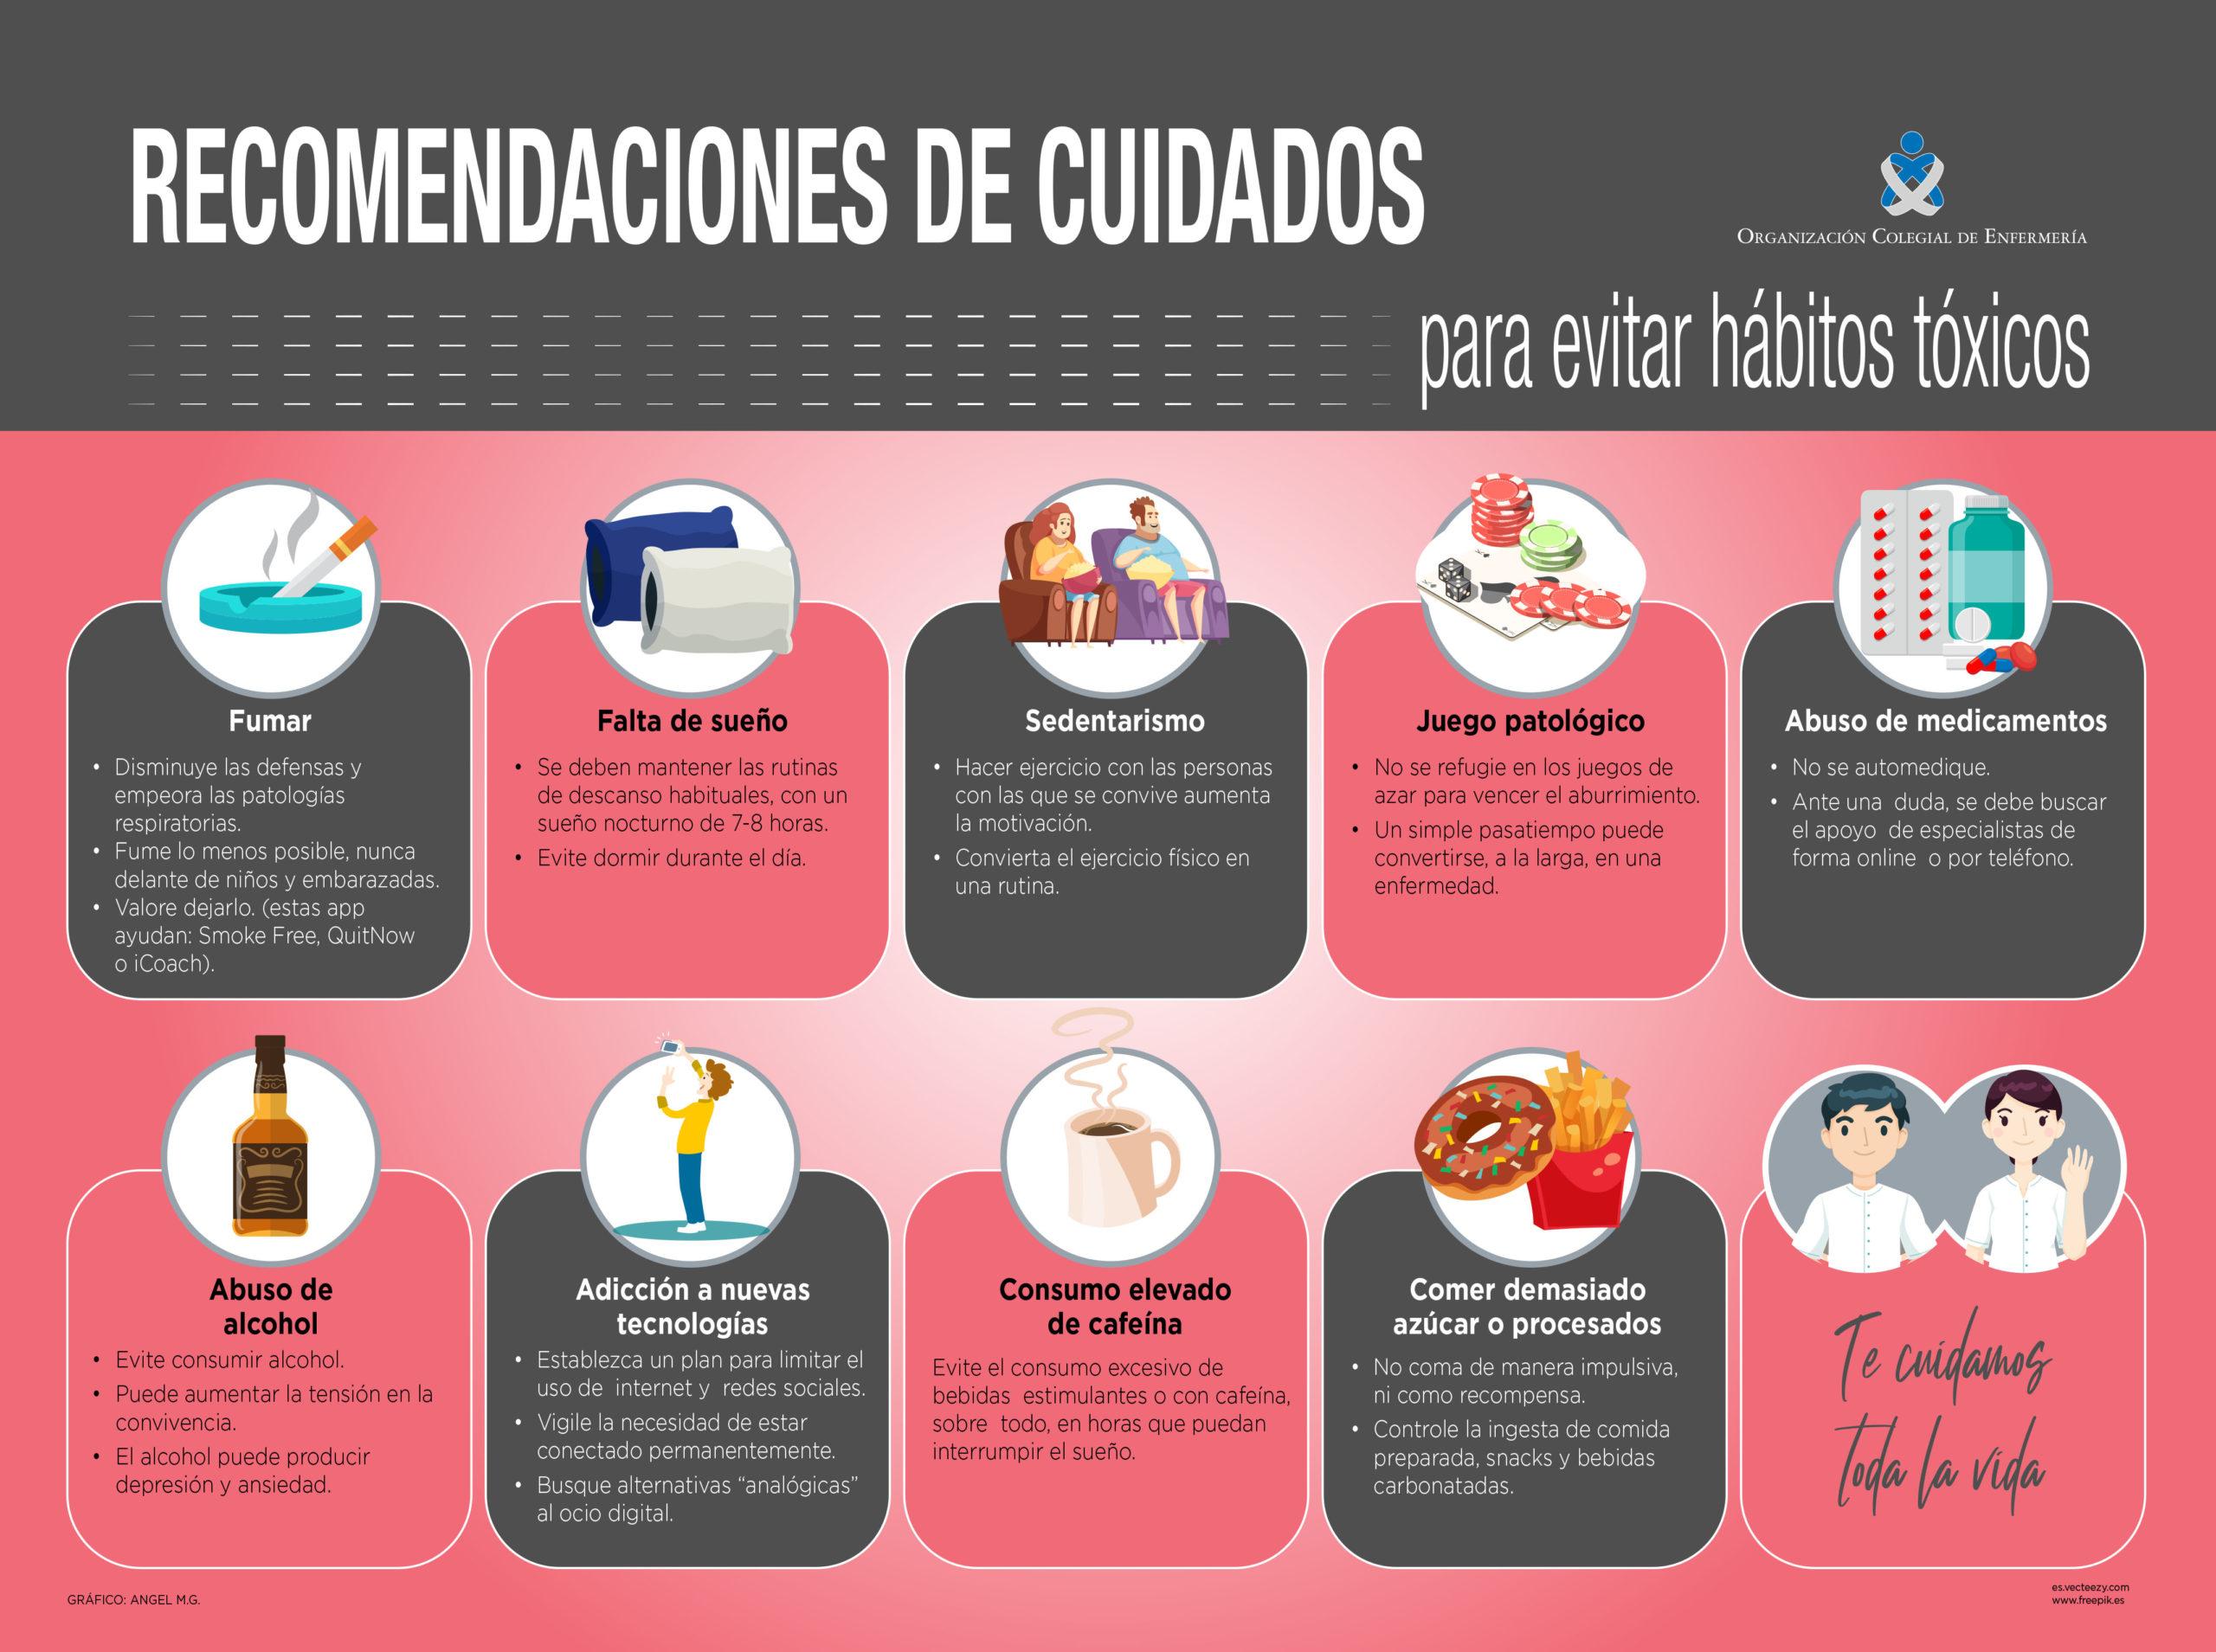 Infografía para evitar hábitos tóxicos.